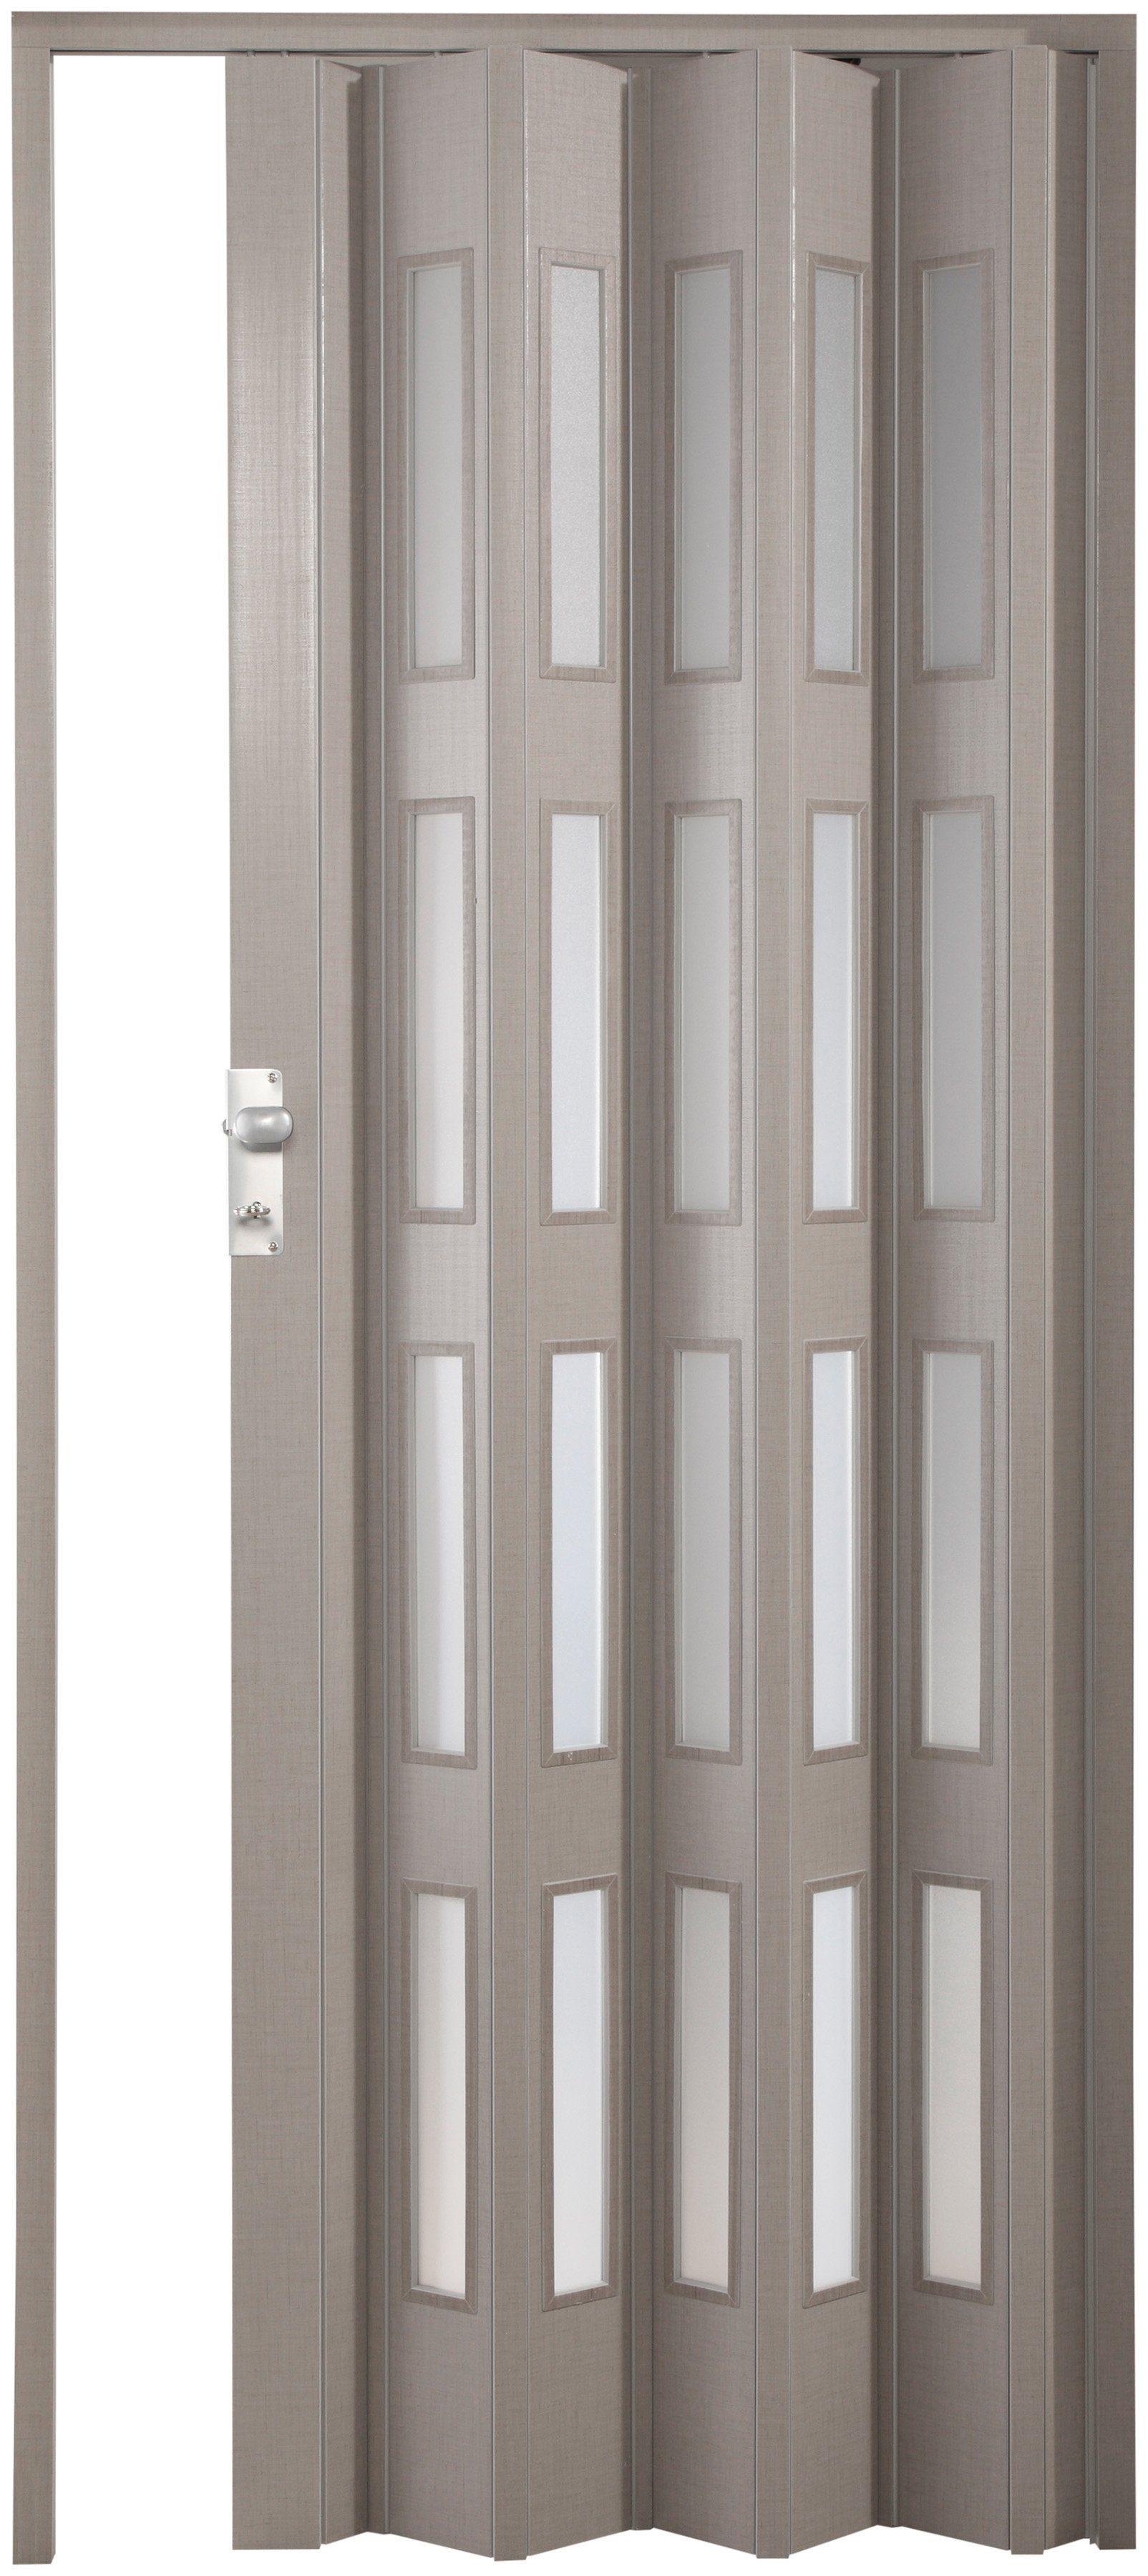 FORTE Kunststoff-Falttür »Elvira«, grau gewebt, mit 4 satinierten Fenstern